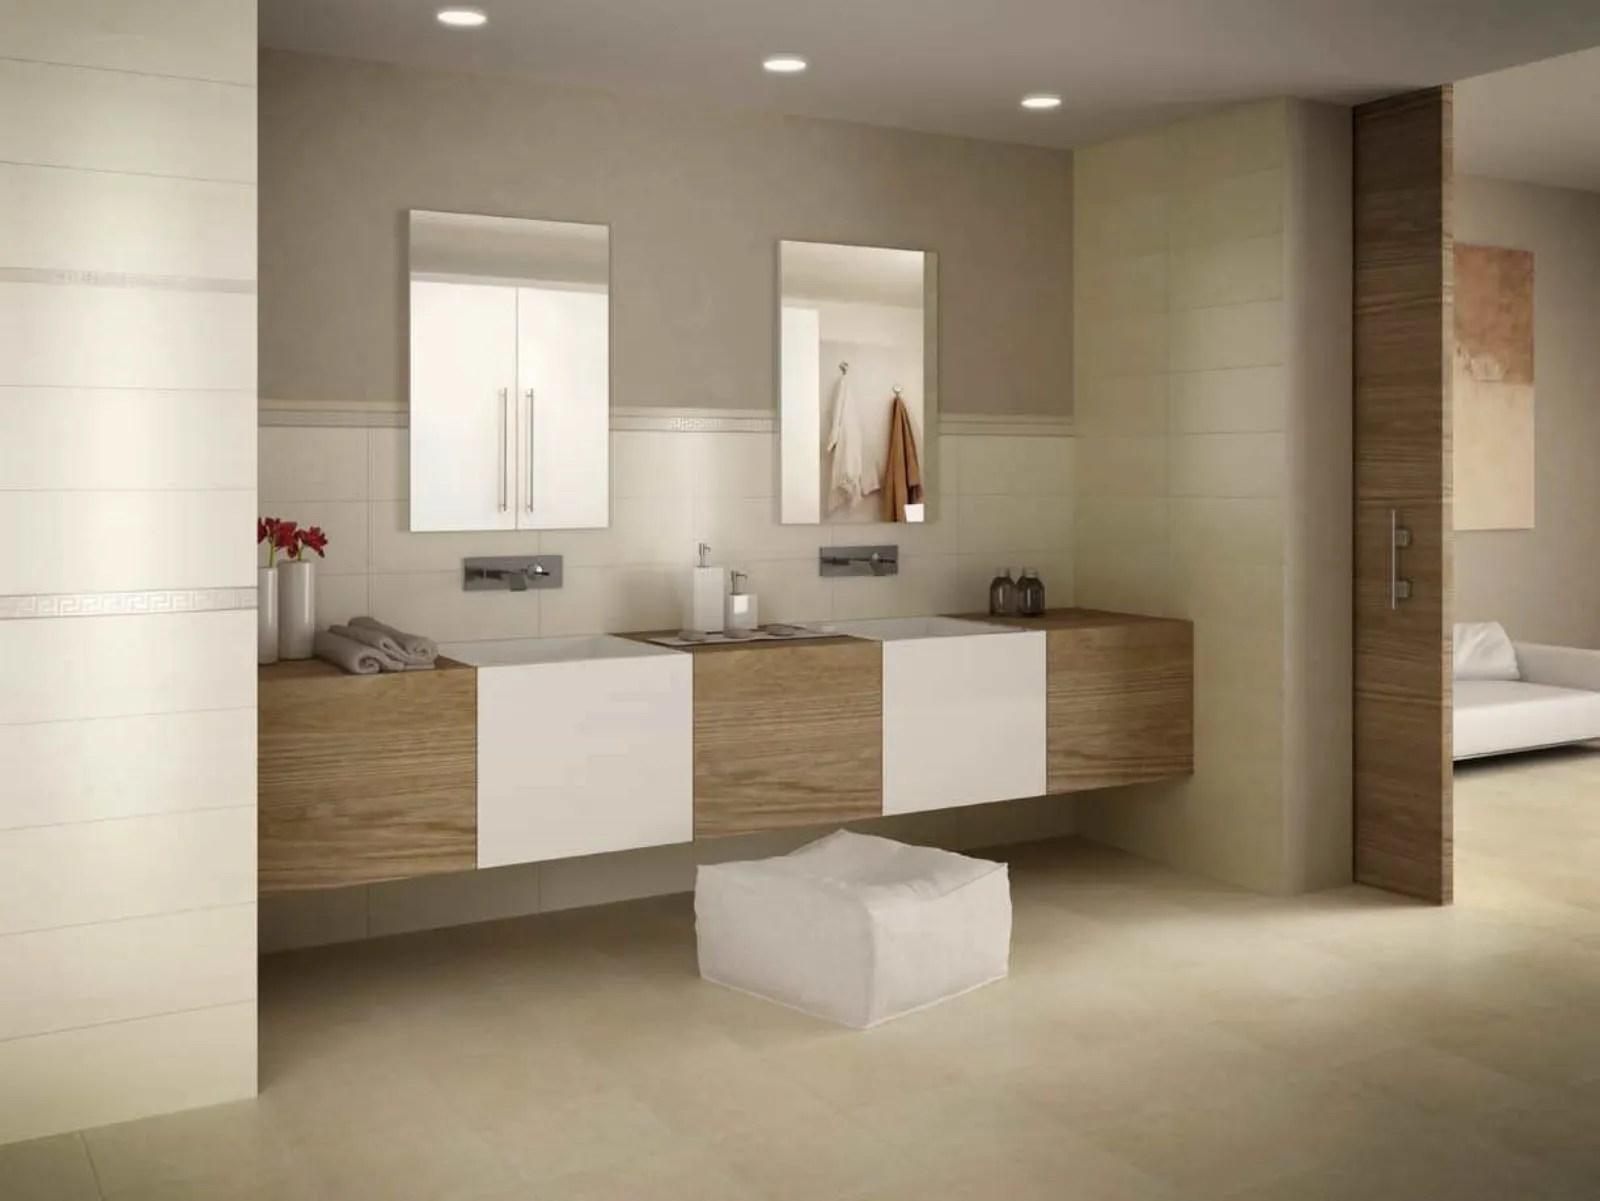 Le pareti color sabbia tortora stanno bene ovunque in casa, specie in soggiorno, camera da letto e in bagno,. Pareti Color Tortora Un Eleganza Innata